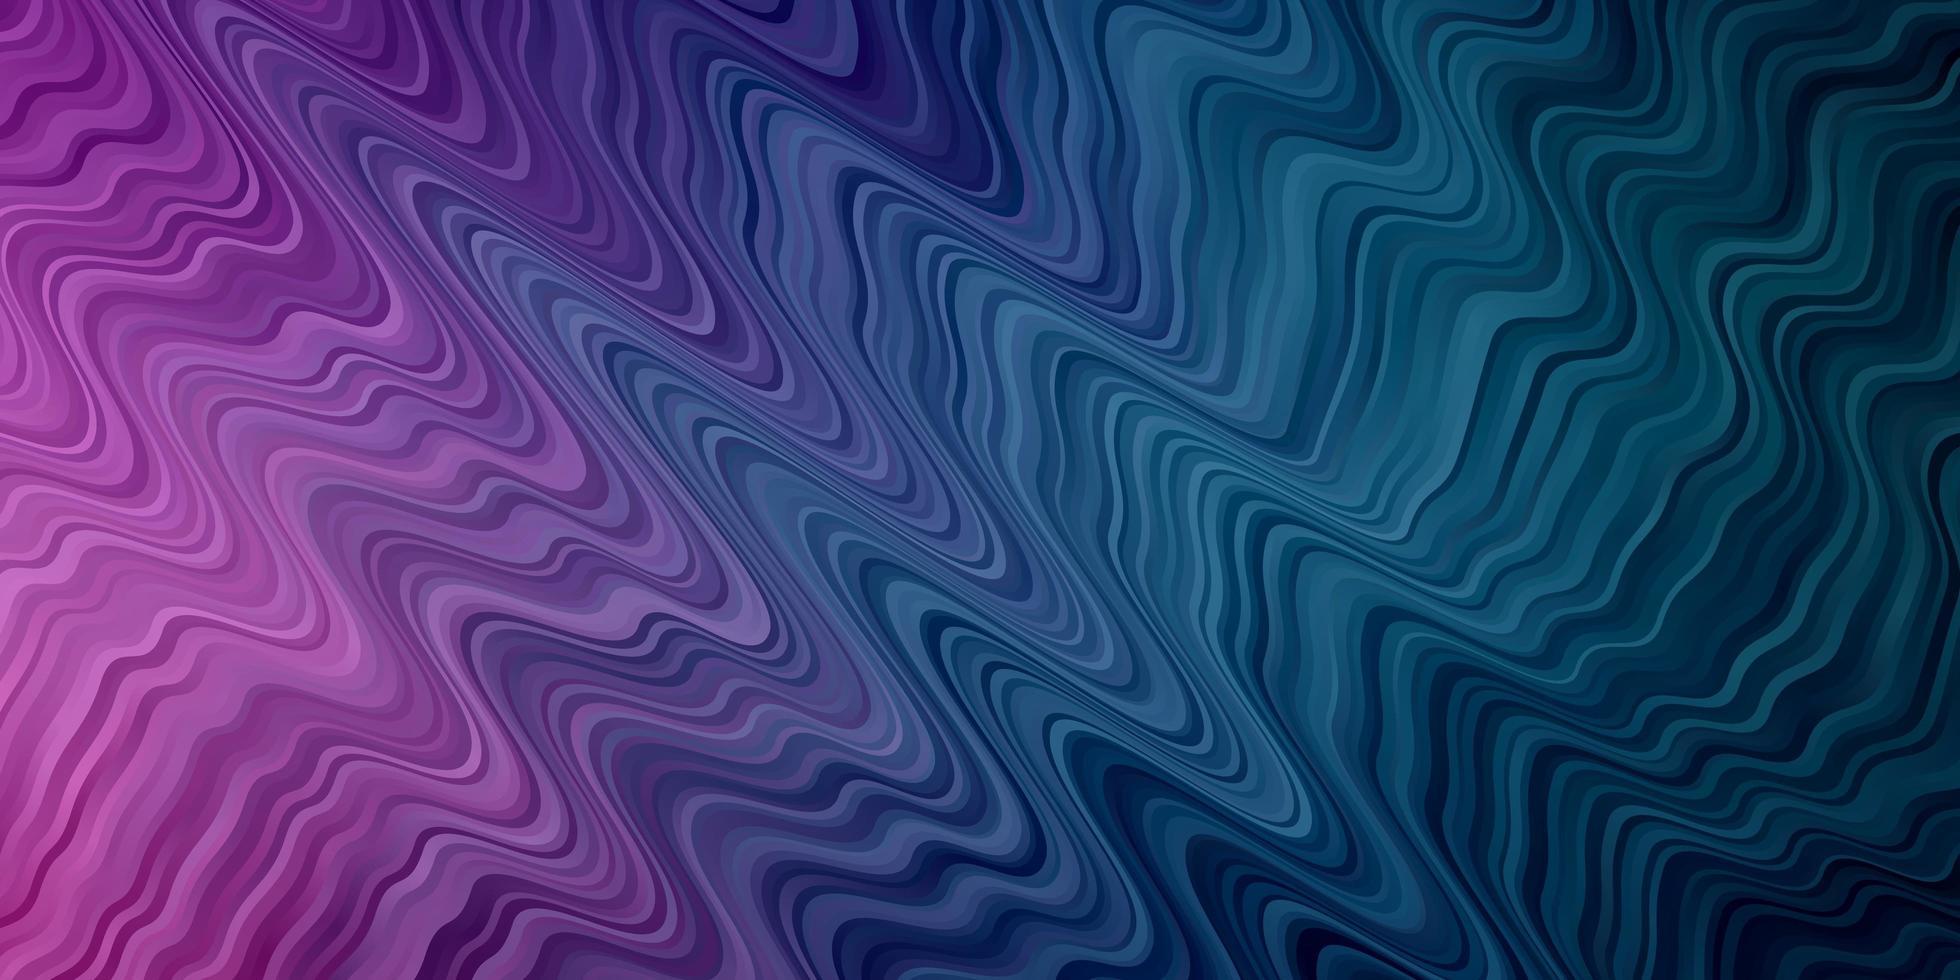 fundo azul claro e rosa com linhas curvas. vetor